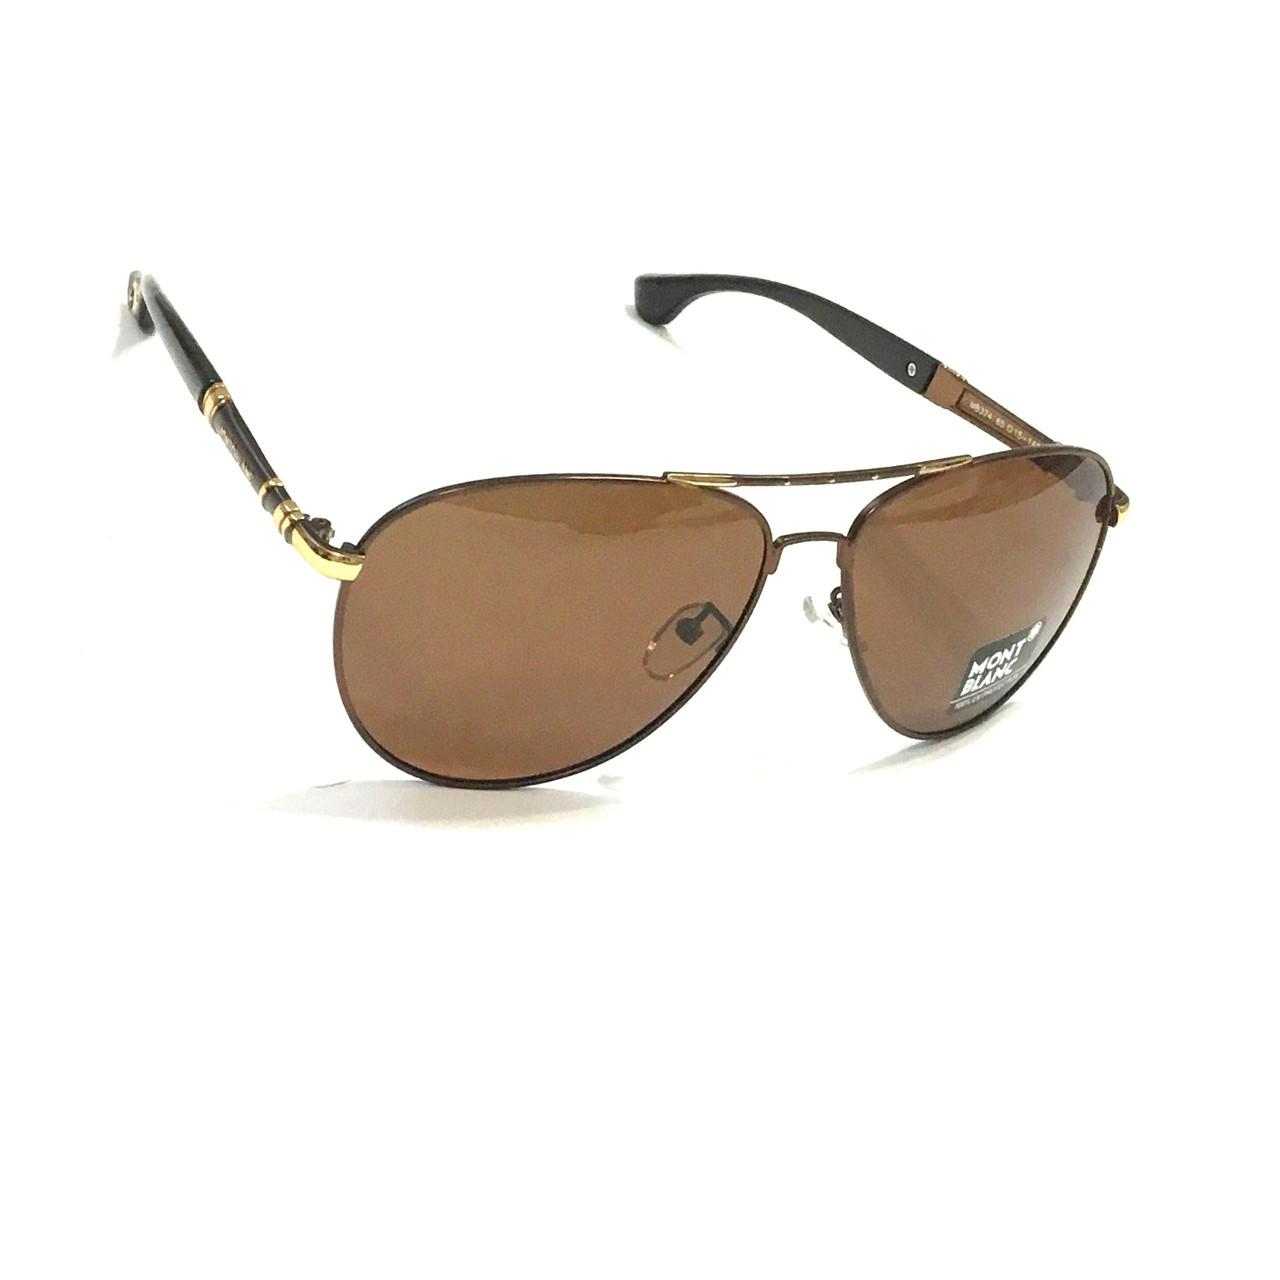 85c82d1cdf25 Мужские солнцезащитные очки с полароидной линзой - SV OPTIC - купить очки  оптом в Харьковской области